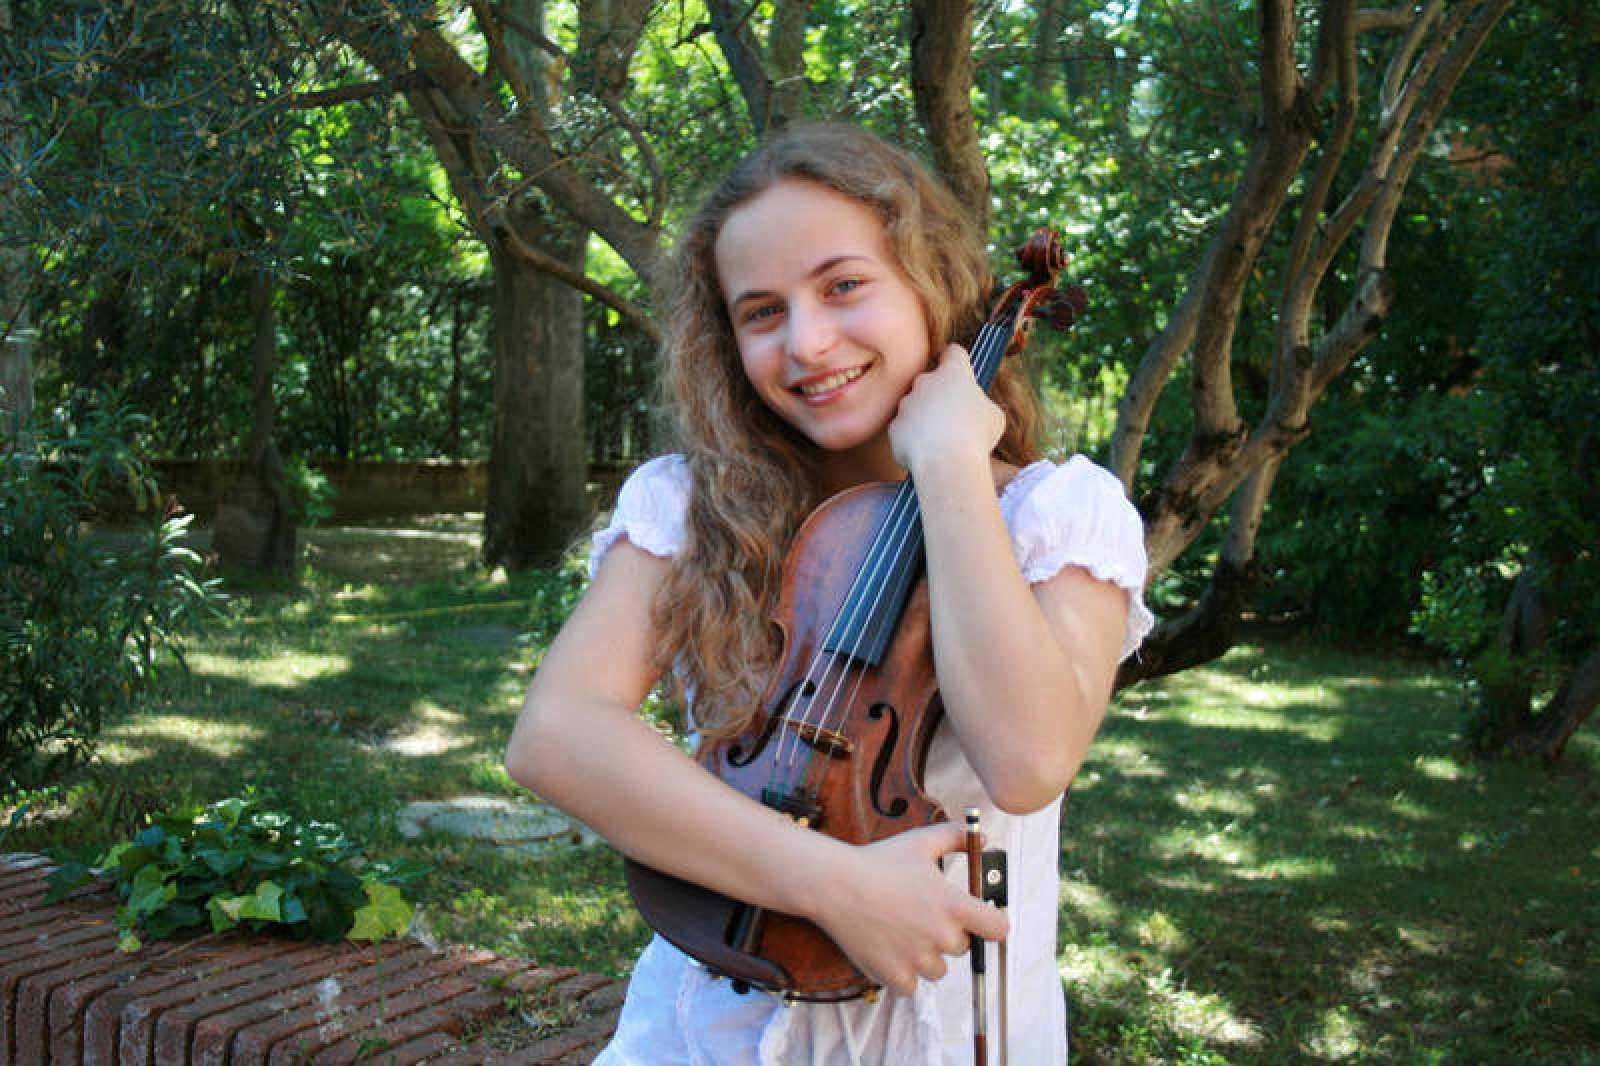 La joven violinista es una de las ganadoras del talent musical de La 2 'Clásicos y Reverentes'